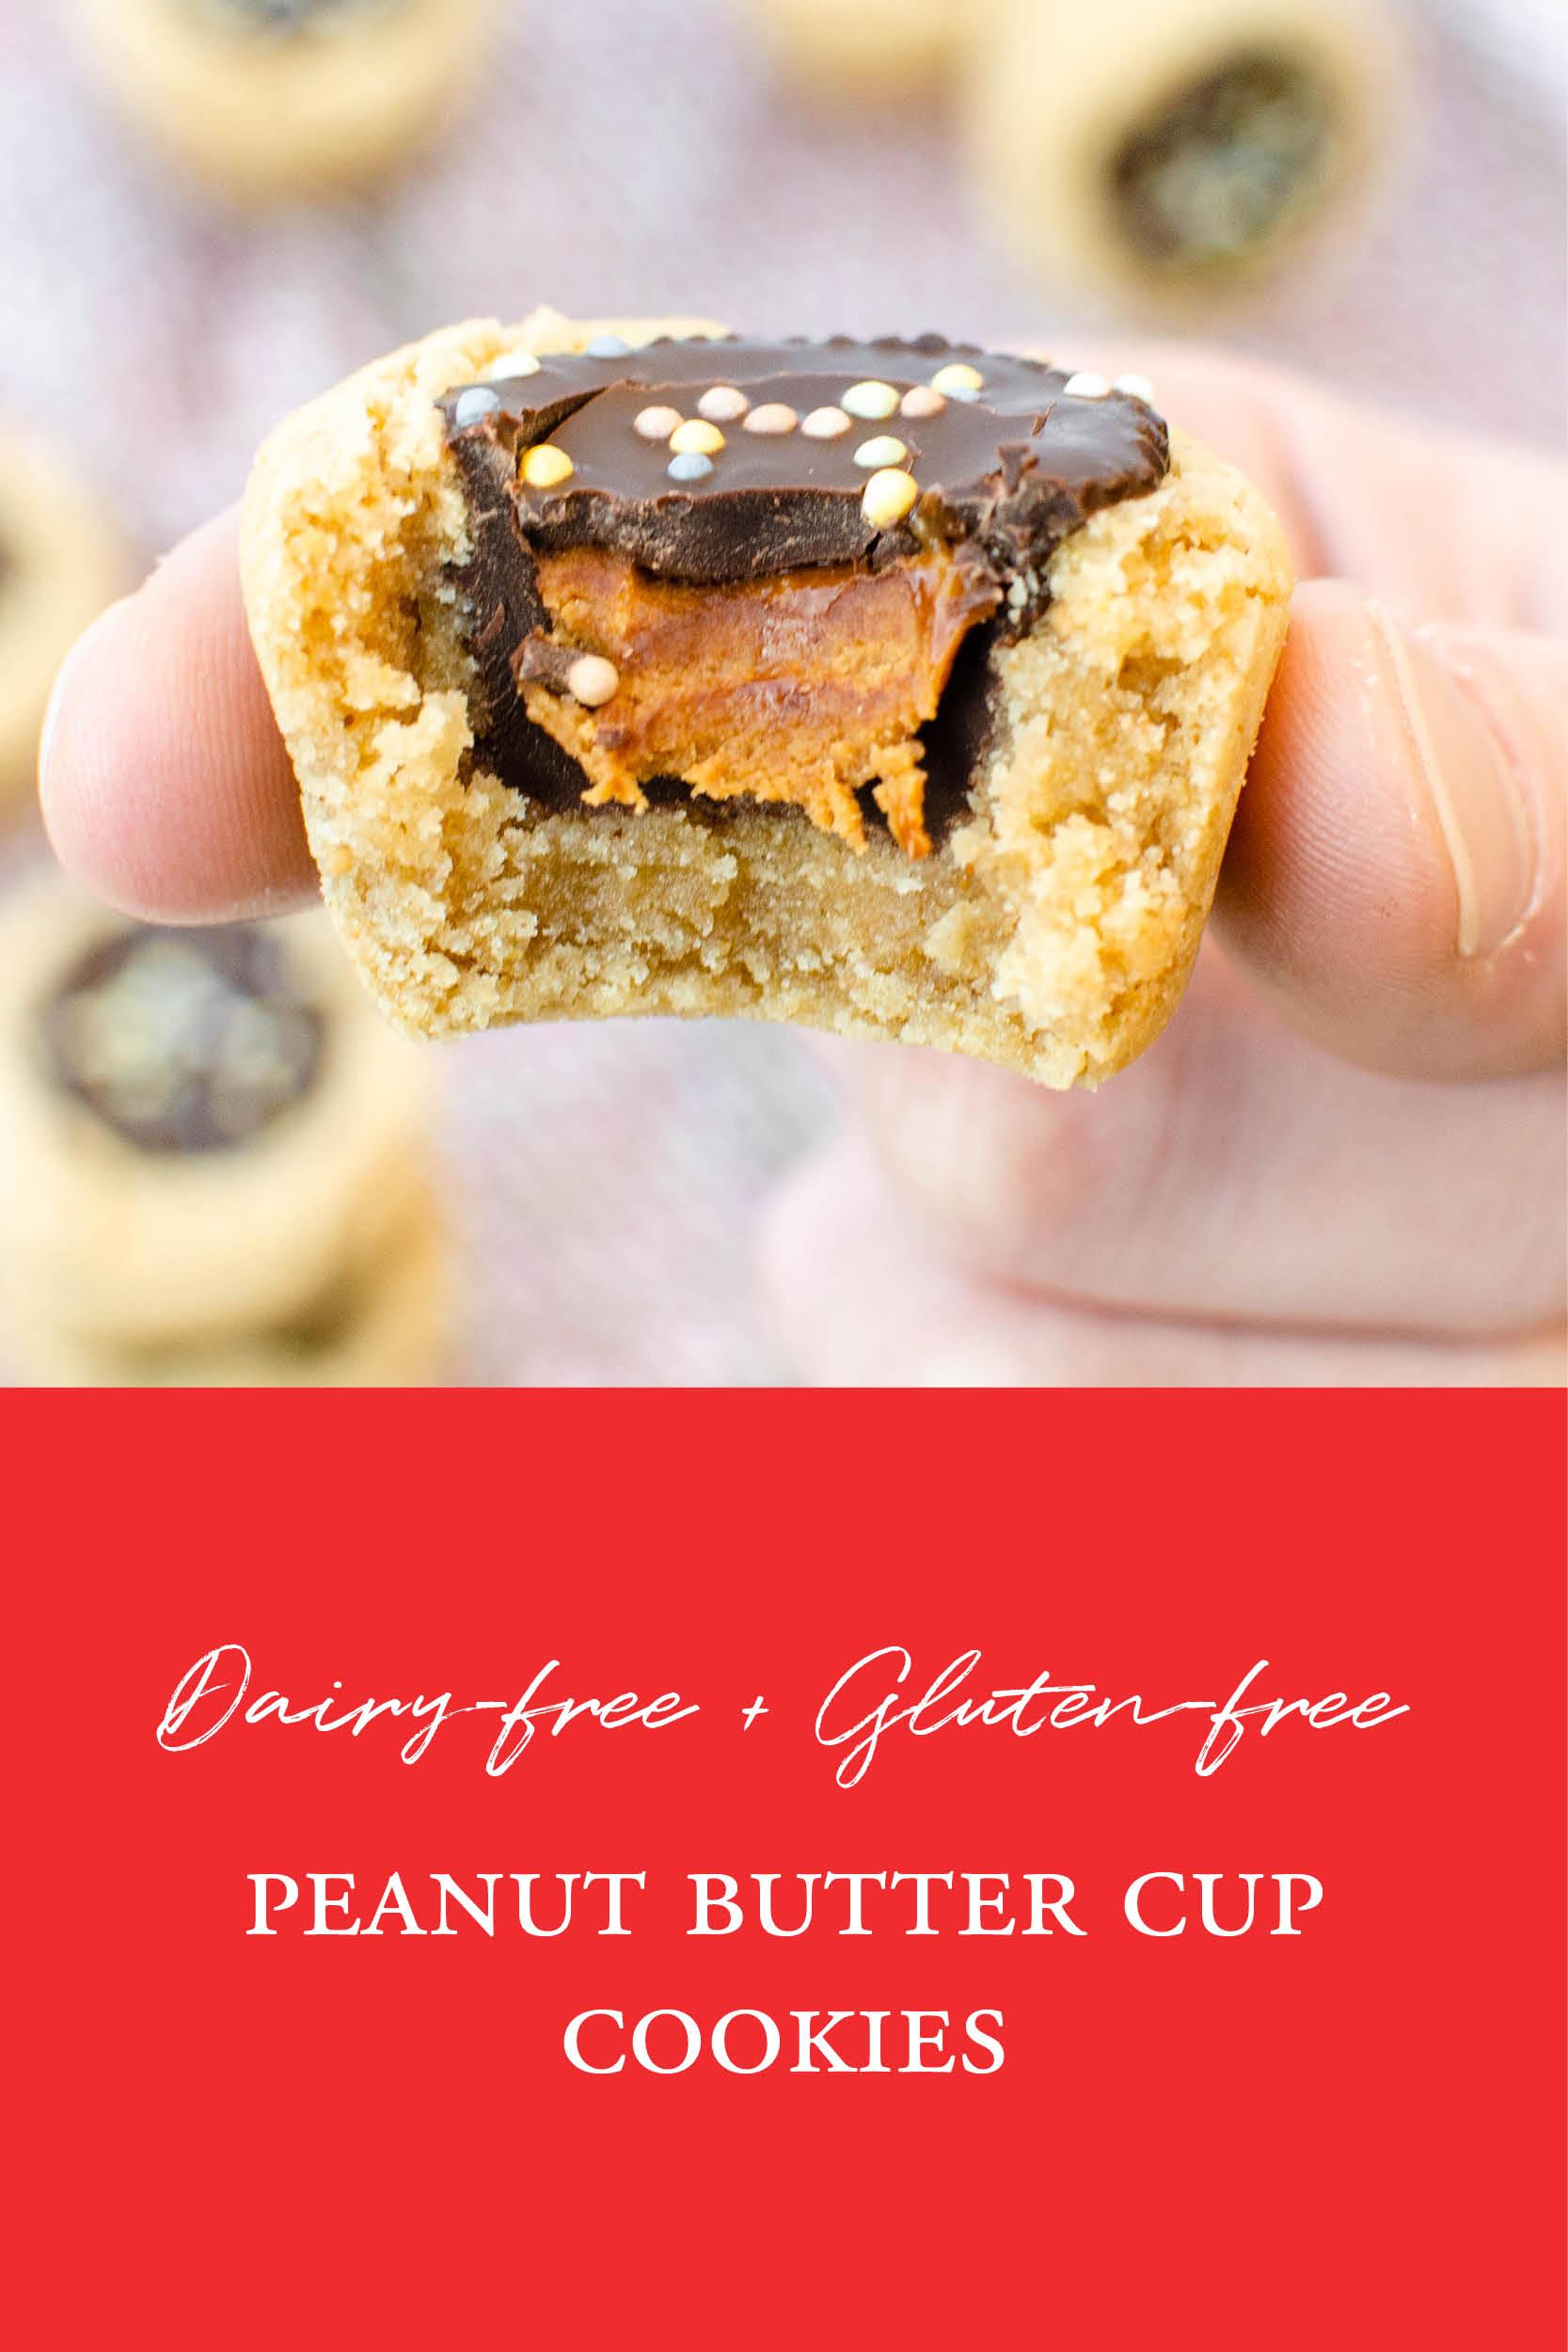 Peanut Butter Cup Cookies_Studioist Pinterest4.jpg